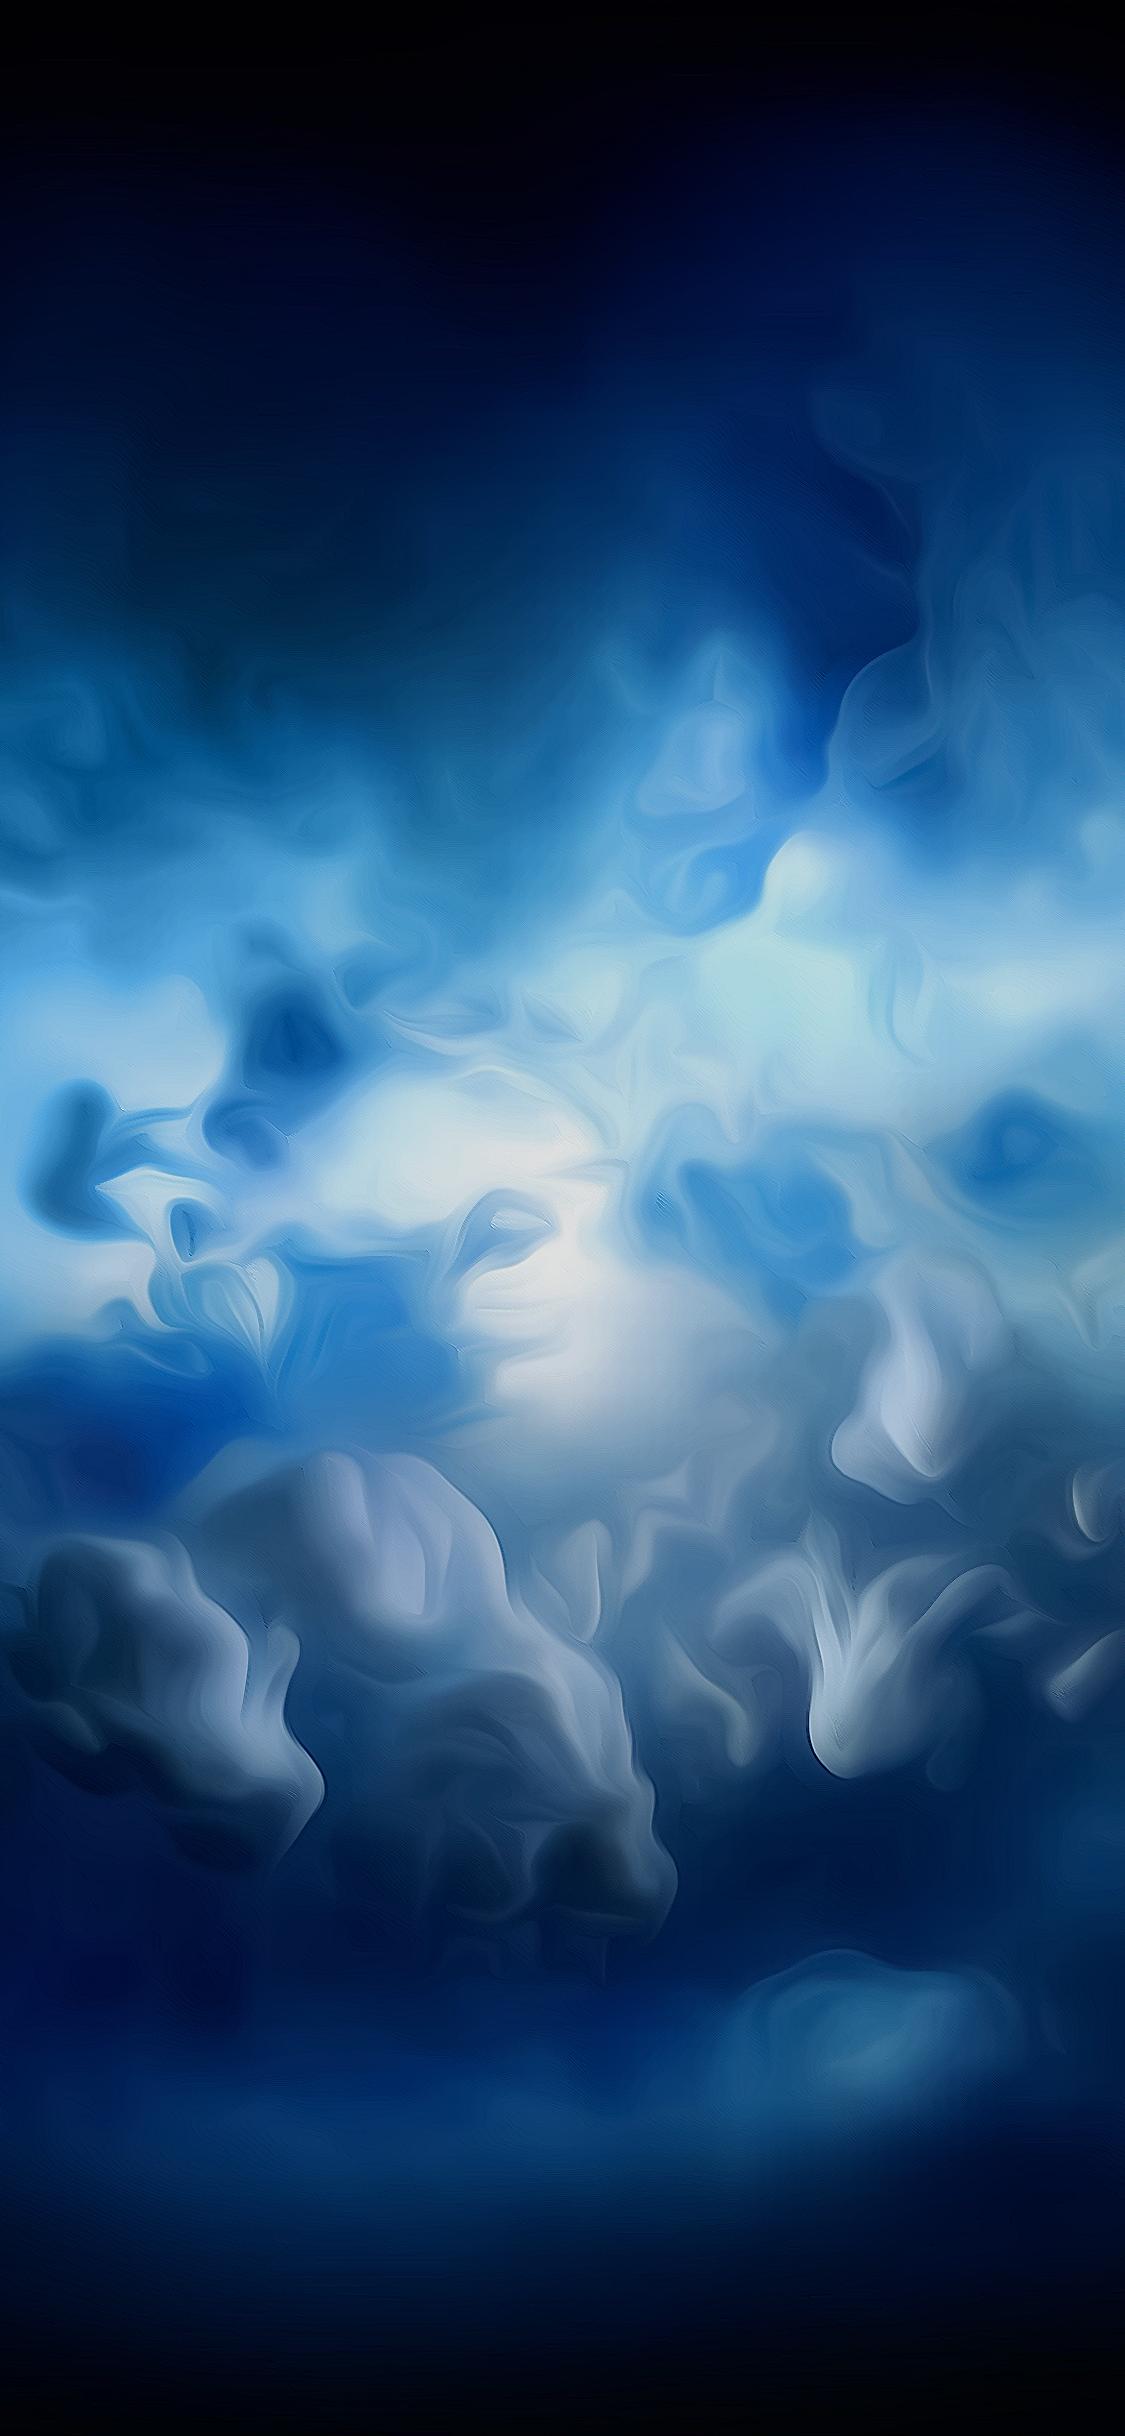 iMacProeffectModdforiPhoneXAR72014.png 1,125×2,436